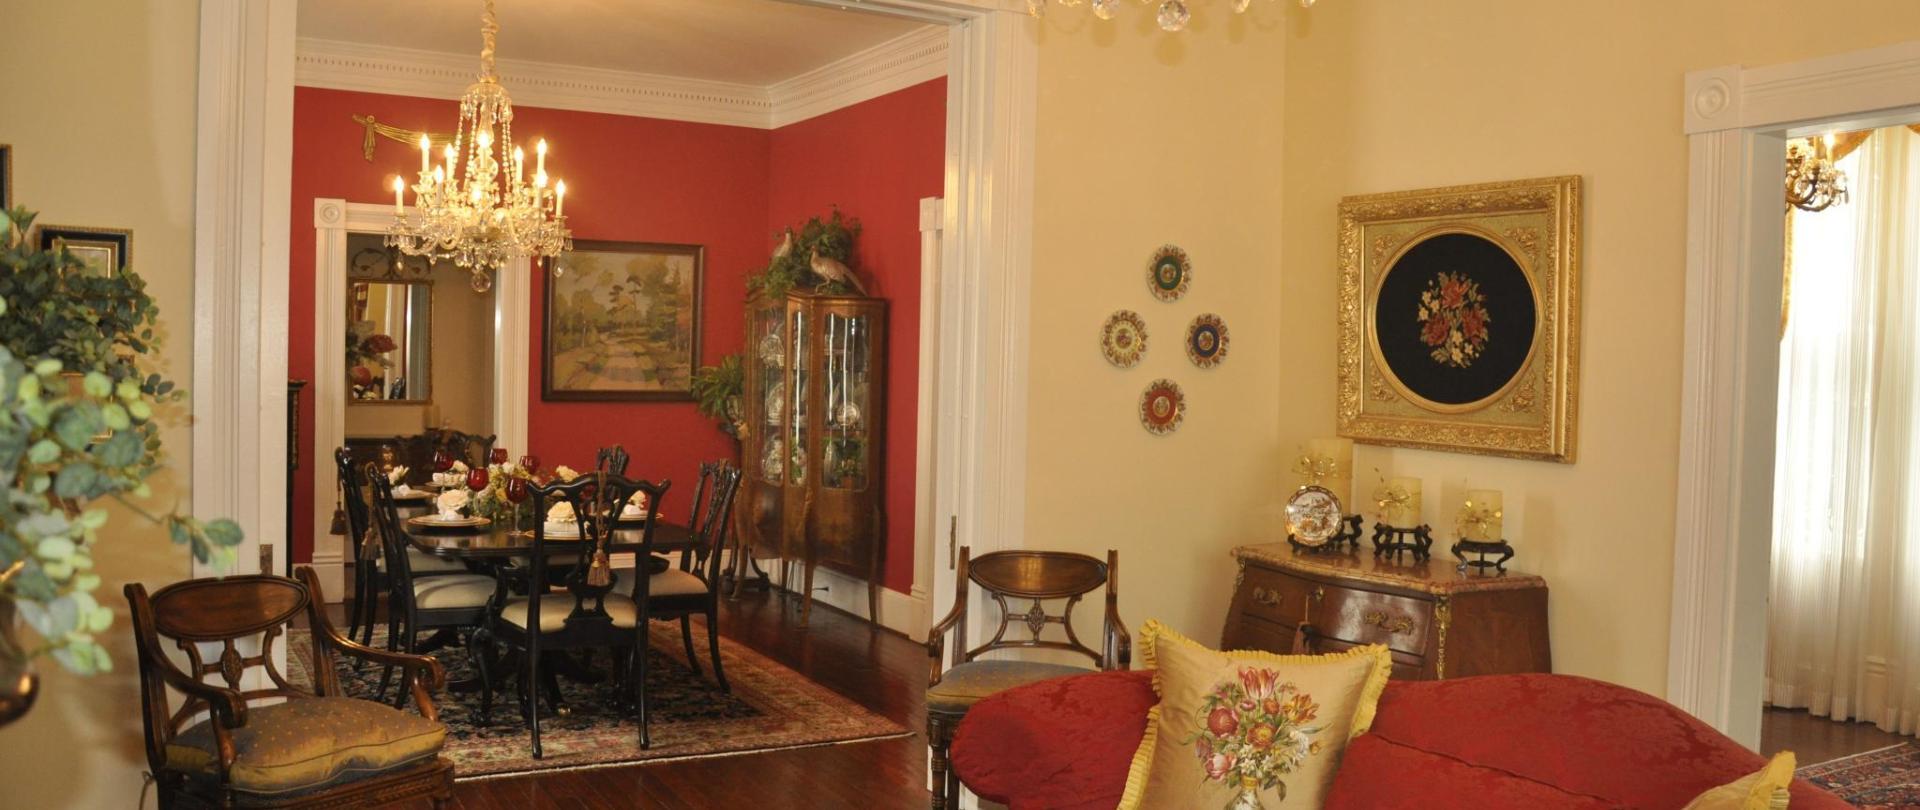 parlor-dining room.JPG